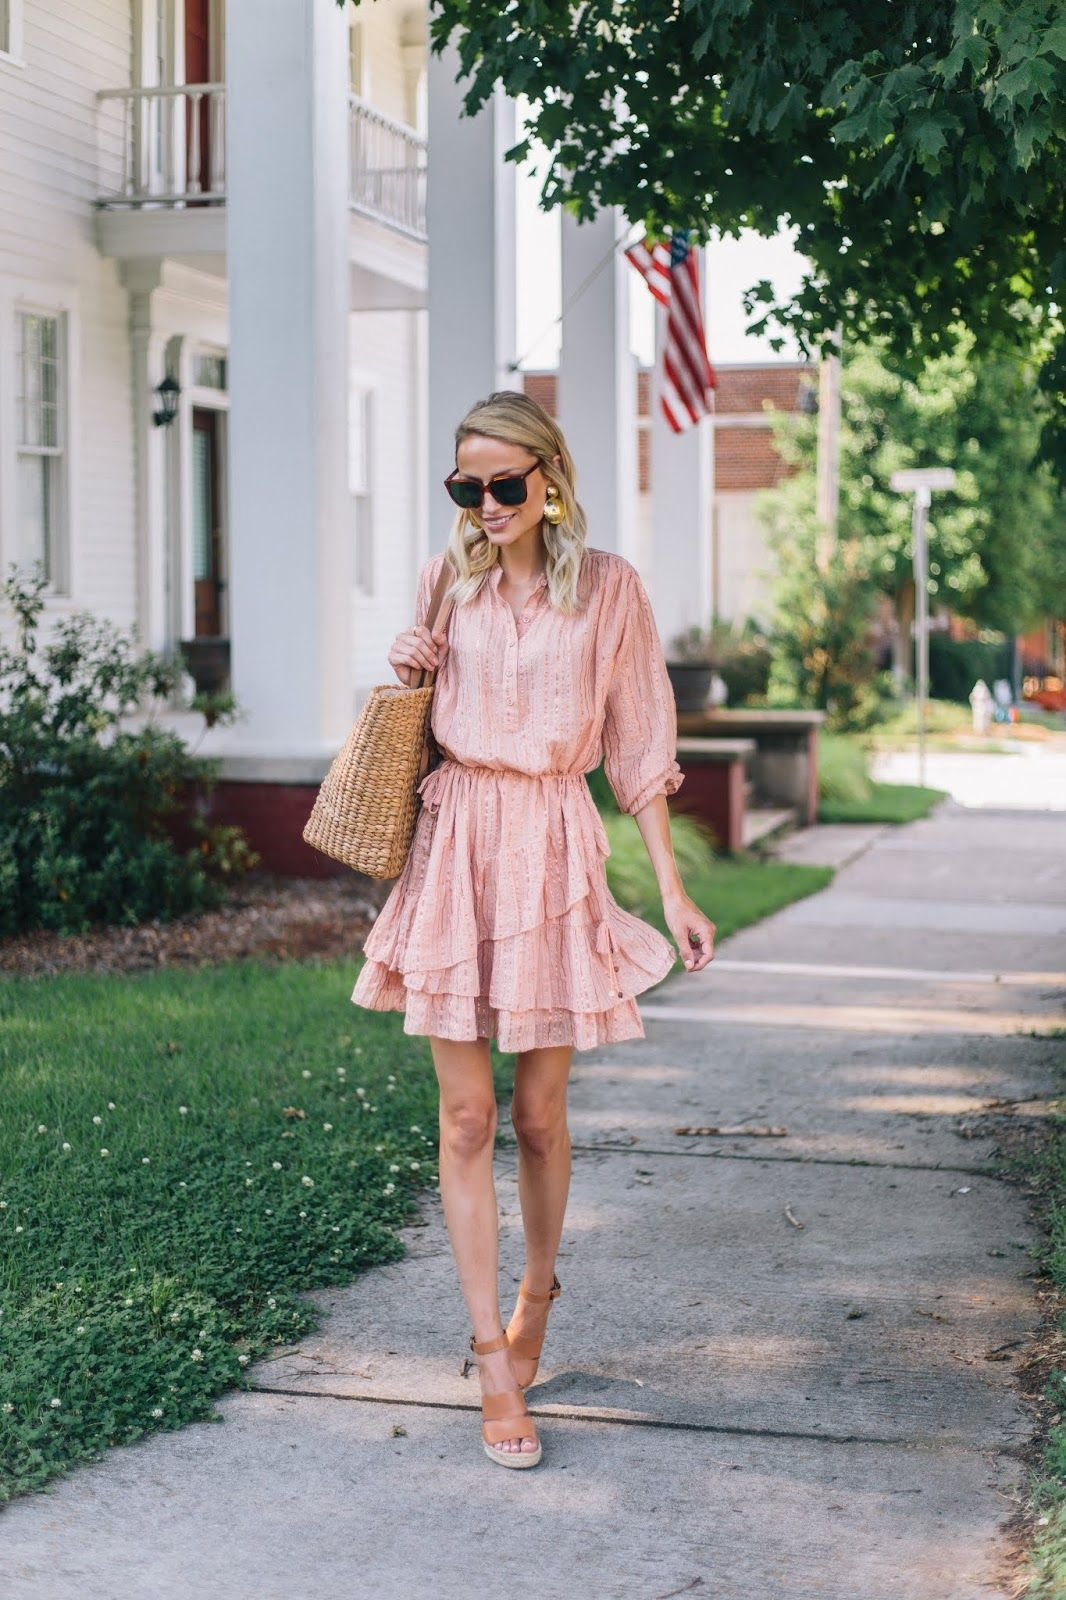 f1924a69b9d Flirty summer dress